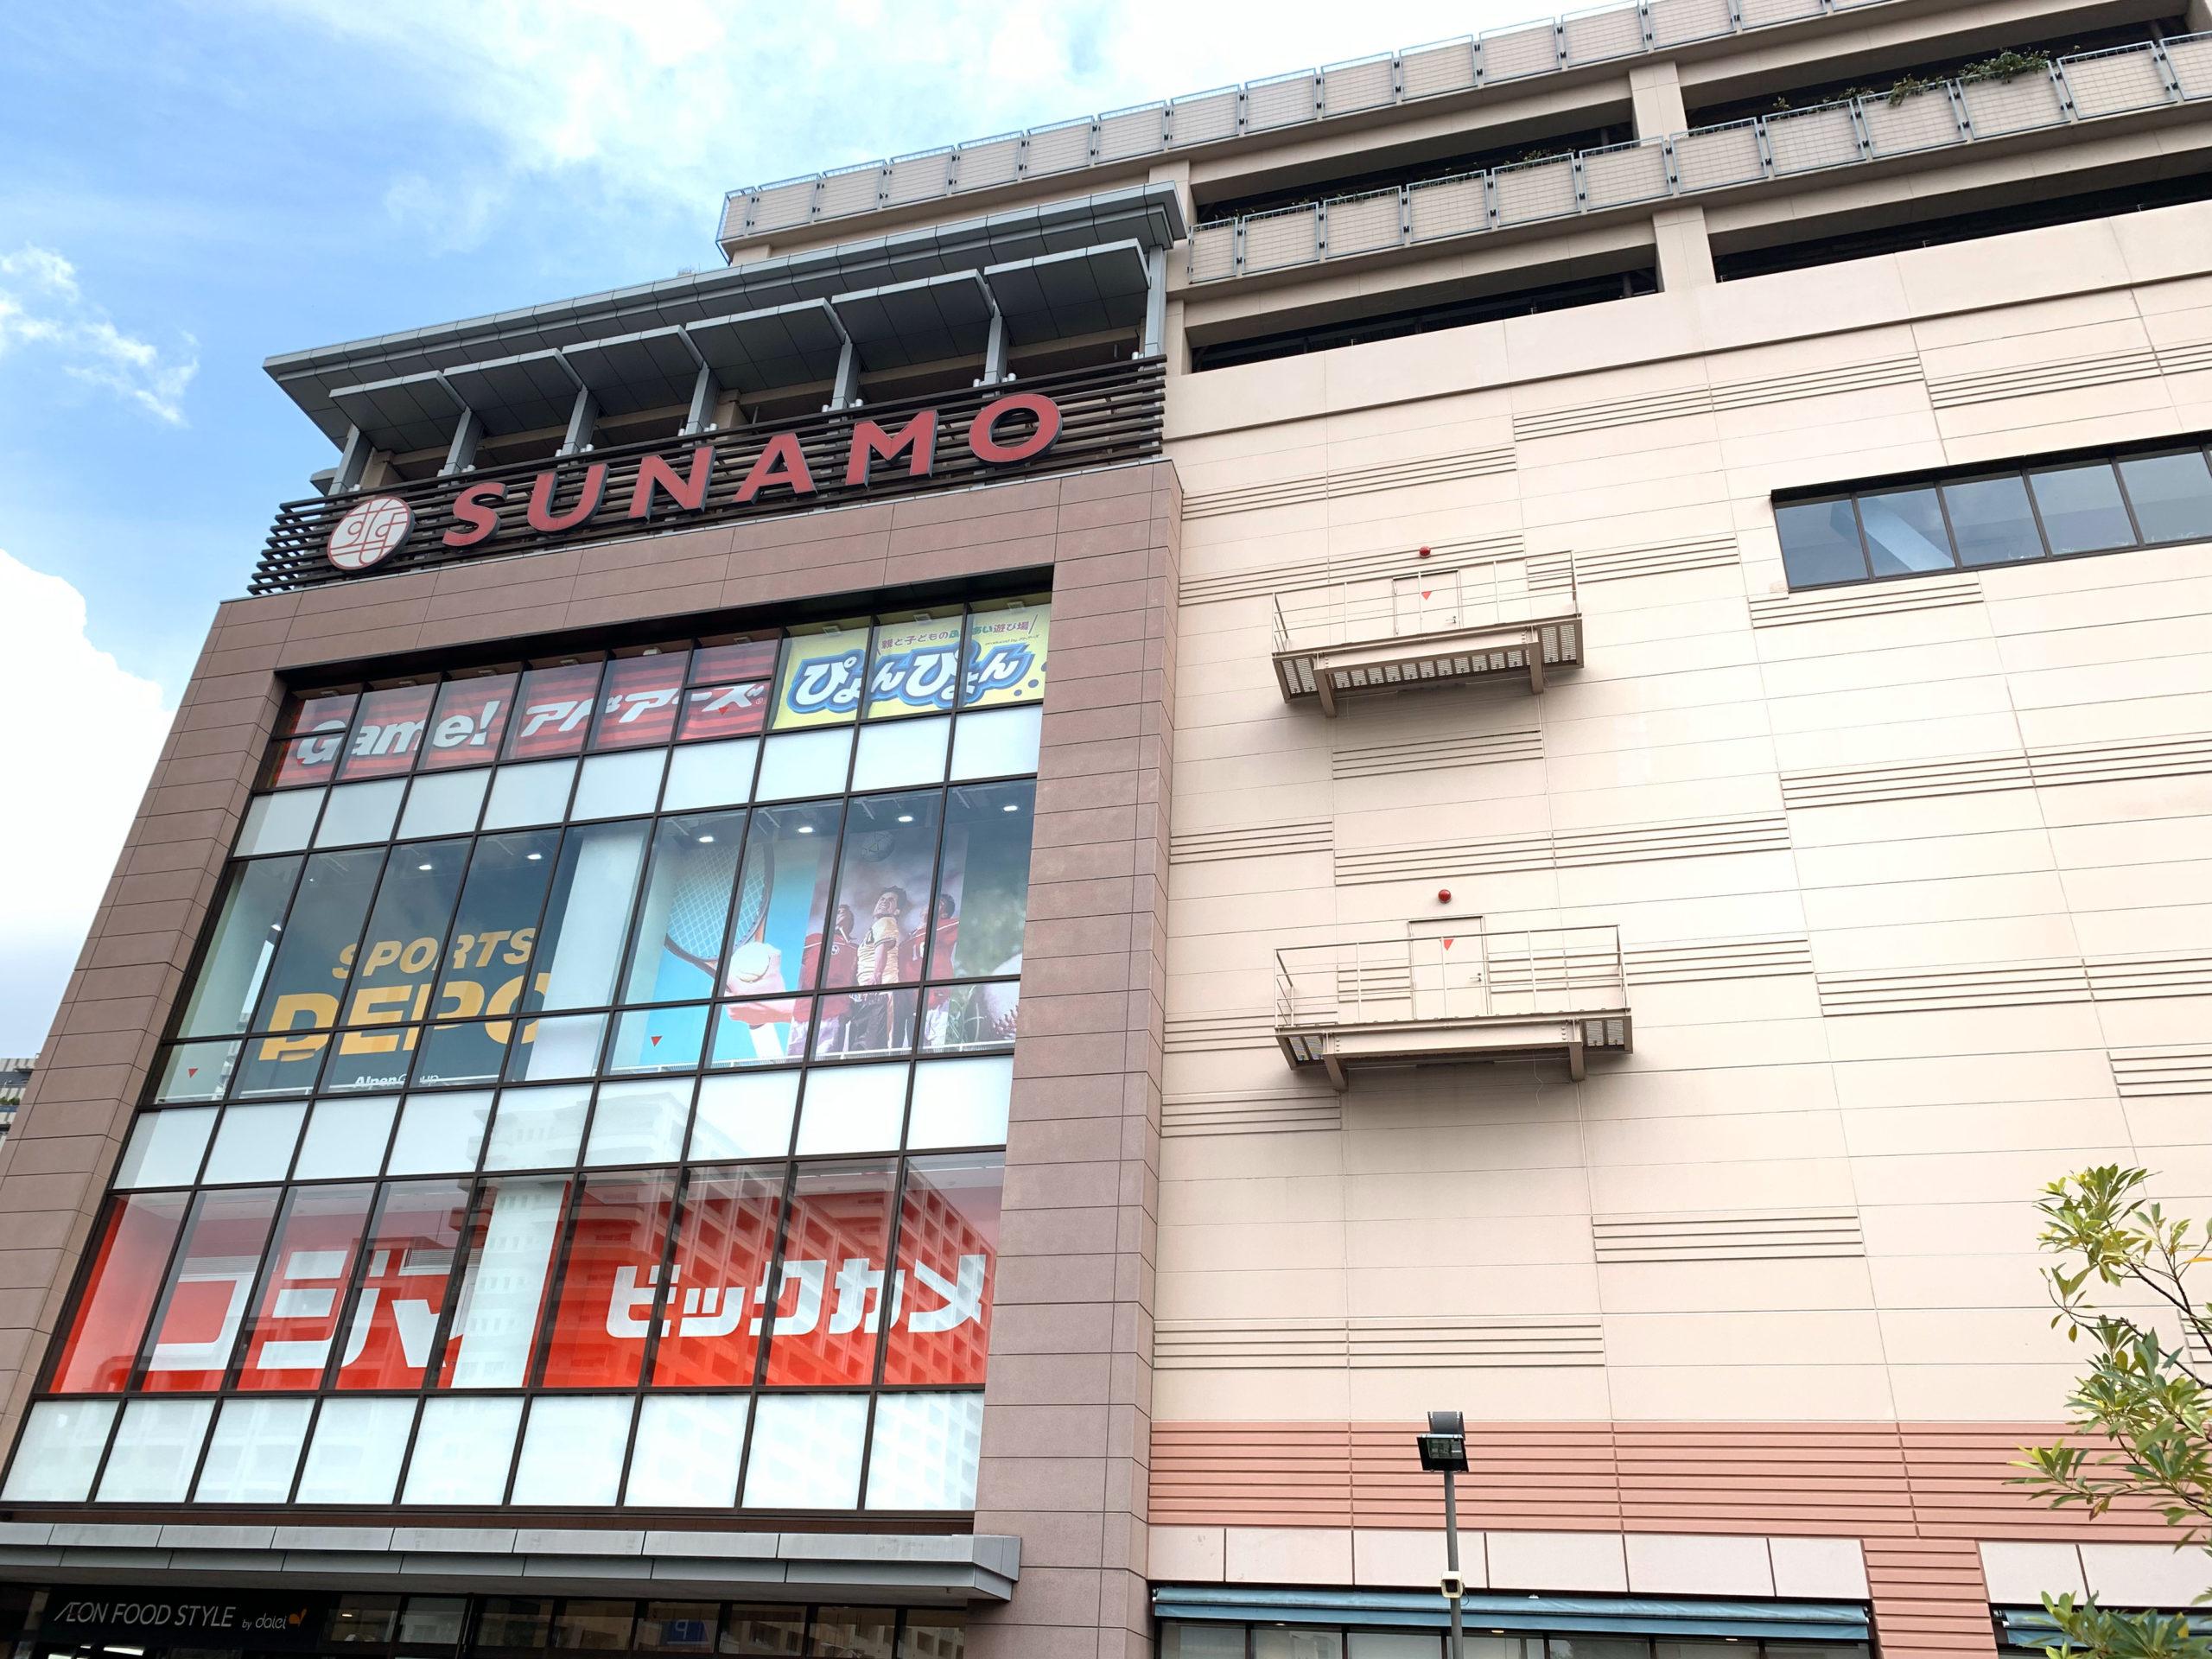 江東区南砂町のショッピングモール「SUNAMO(スナモ)」は、様々なジャンルの店舗が入店しているので、買い物には困りませんので、年末年始の買い物で利用されてはいかがでしょうか